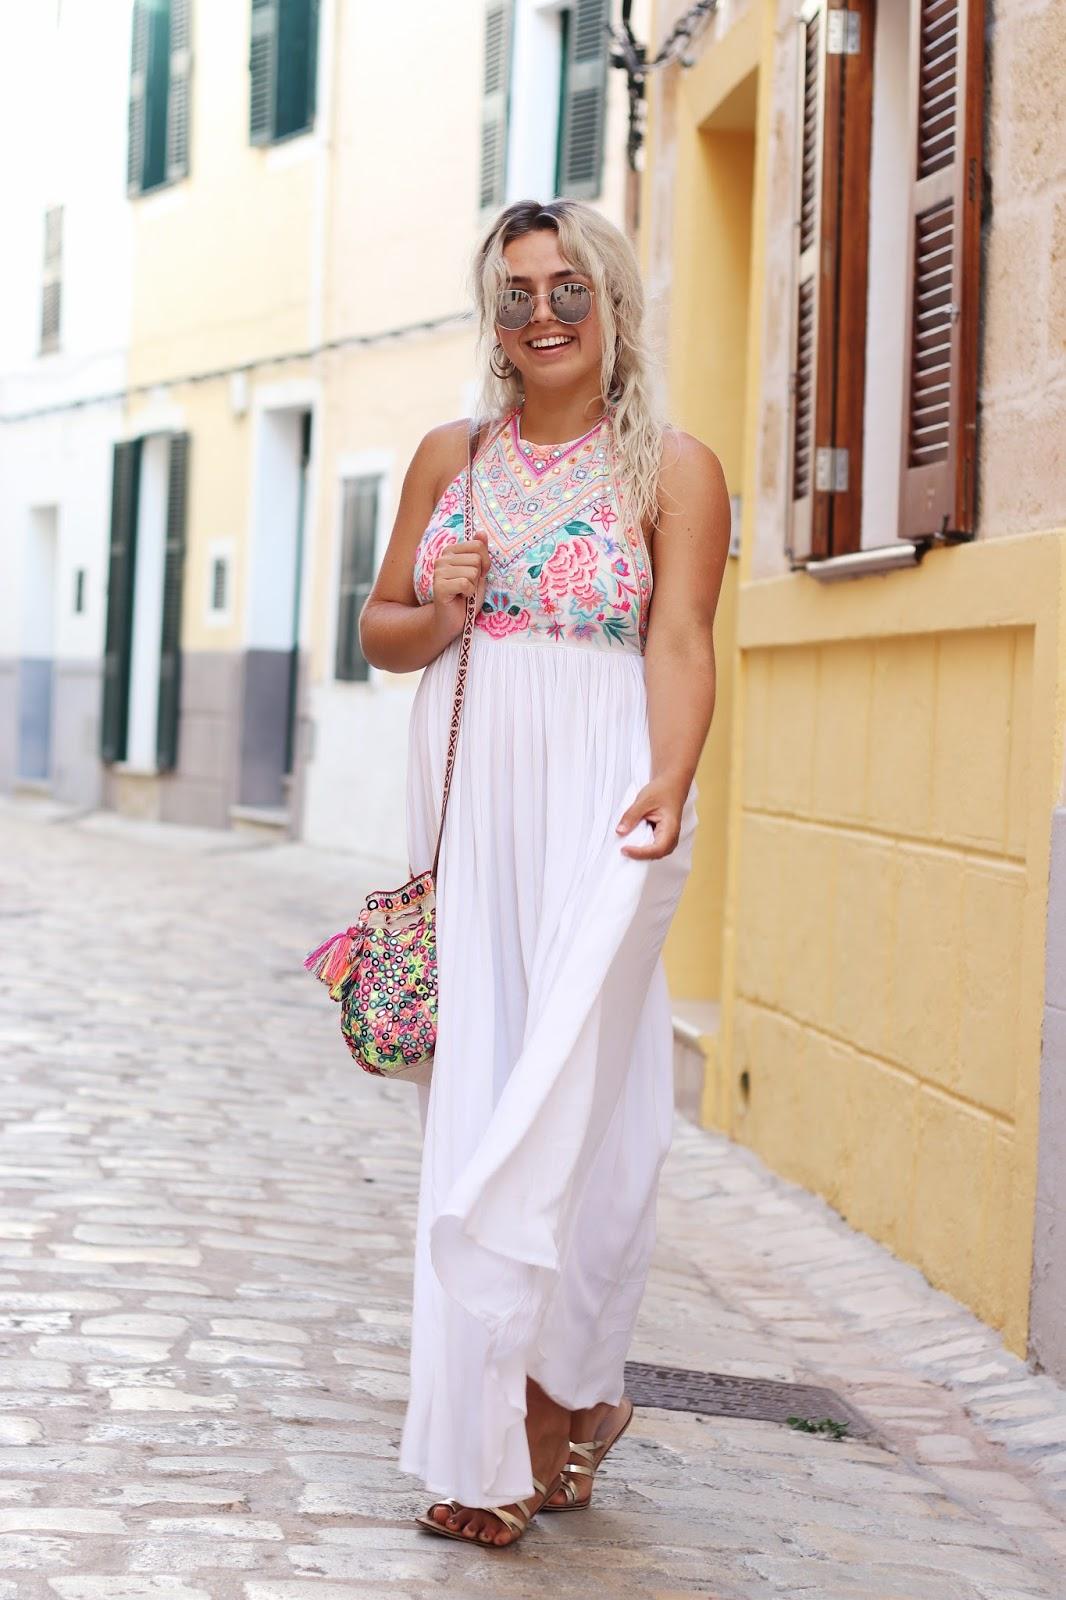 WHITE MAXI DRESS ACCESSORIZE